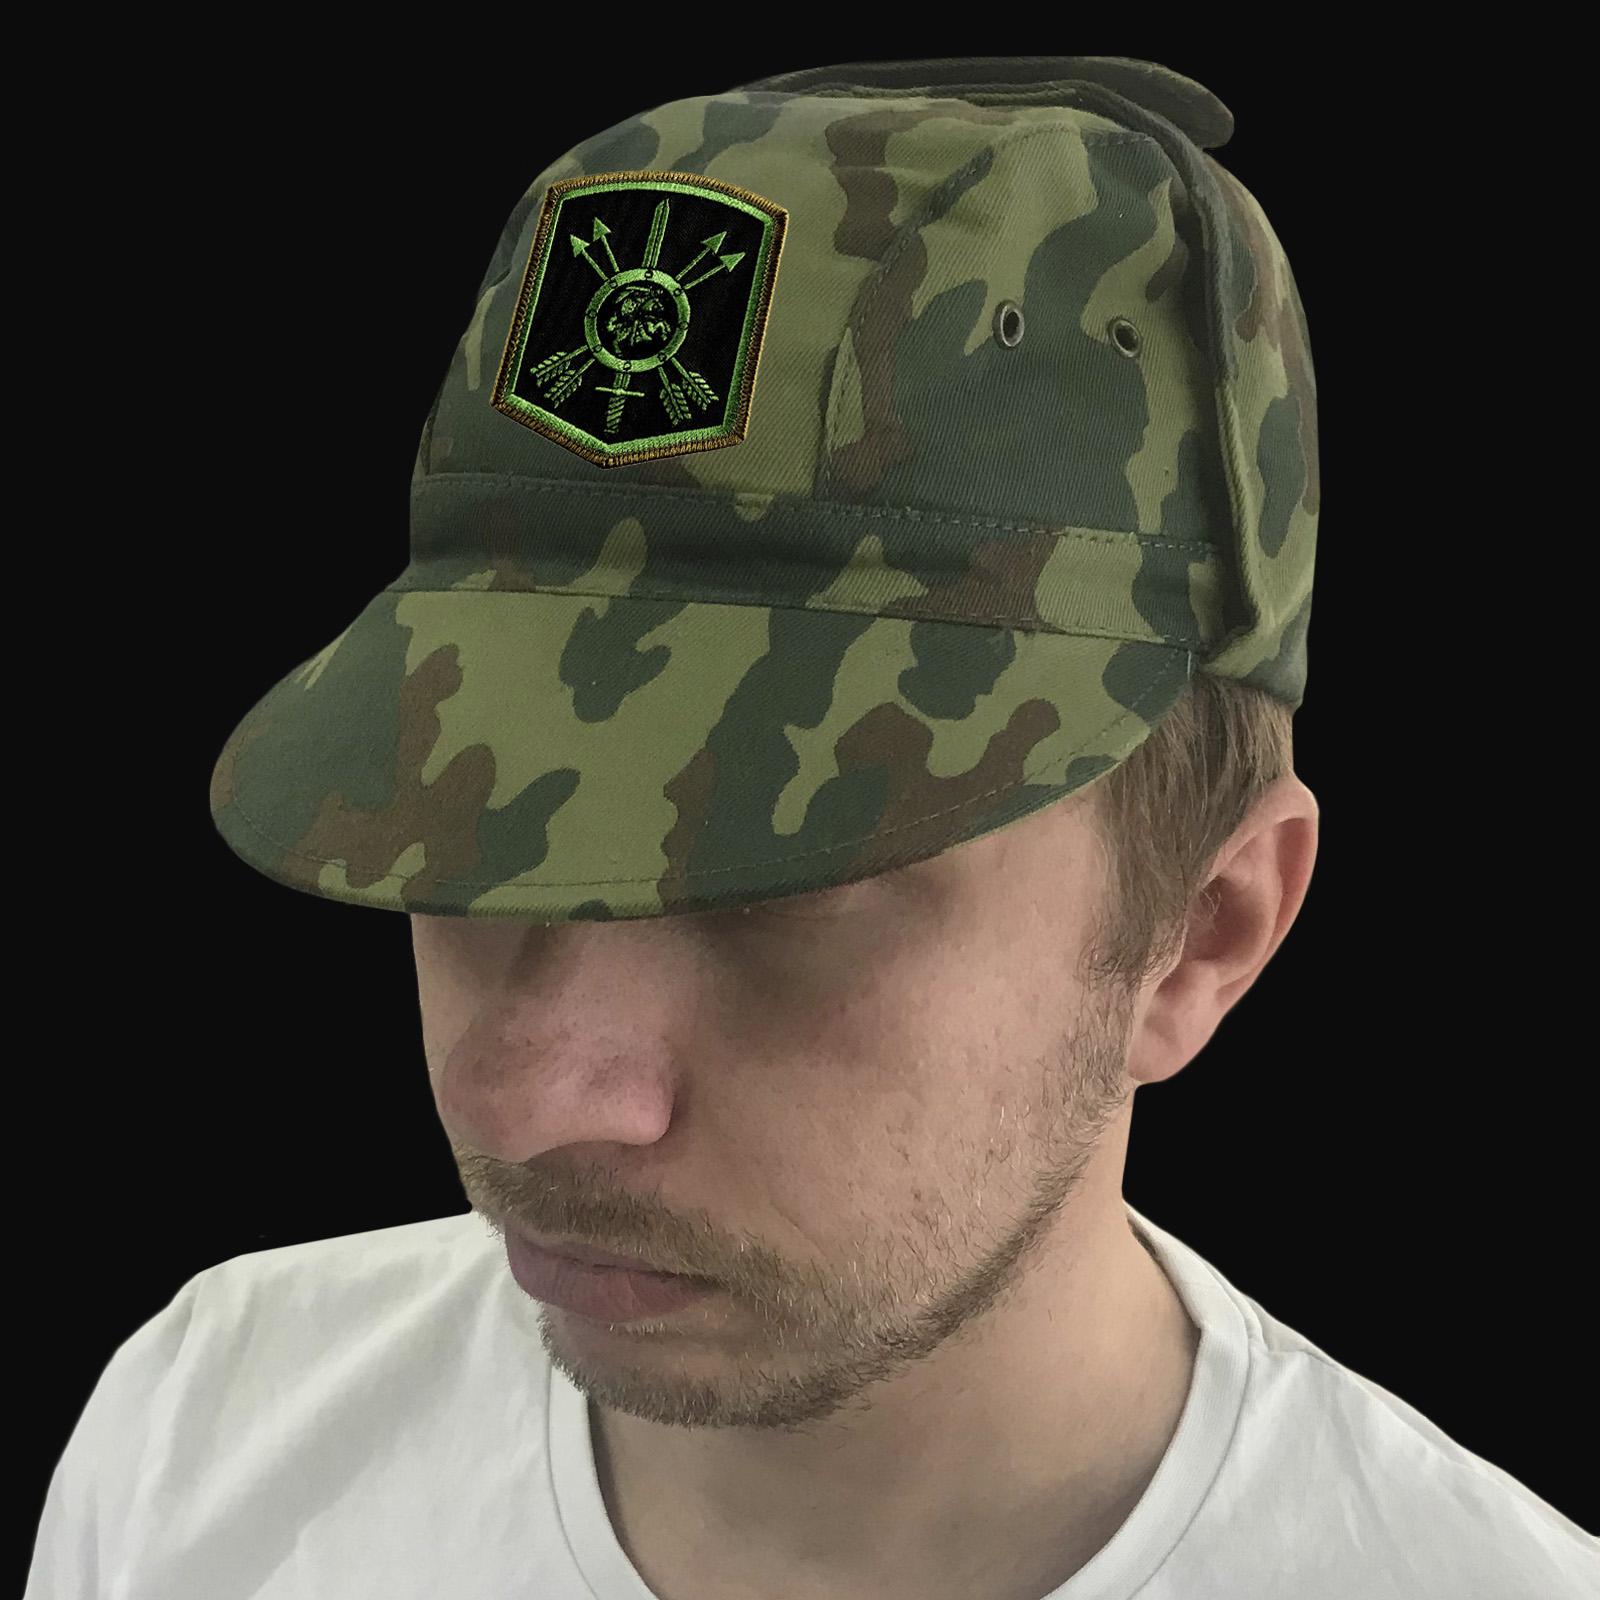 Армейская кепка для служащих 27-ой ракетной дивизии РВСН.